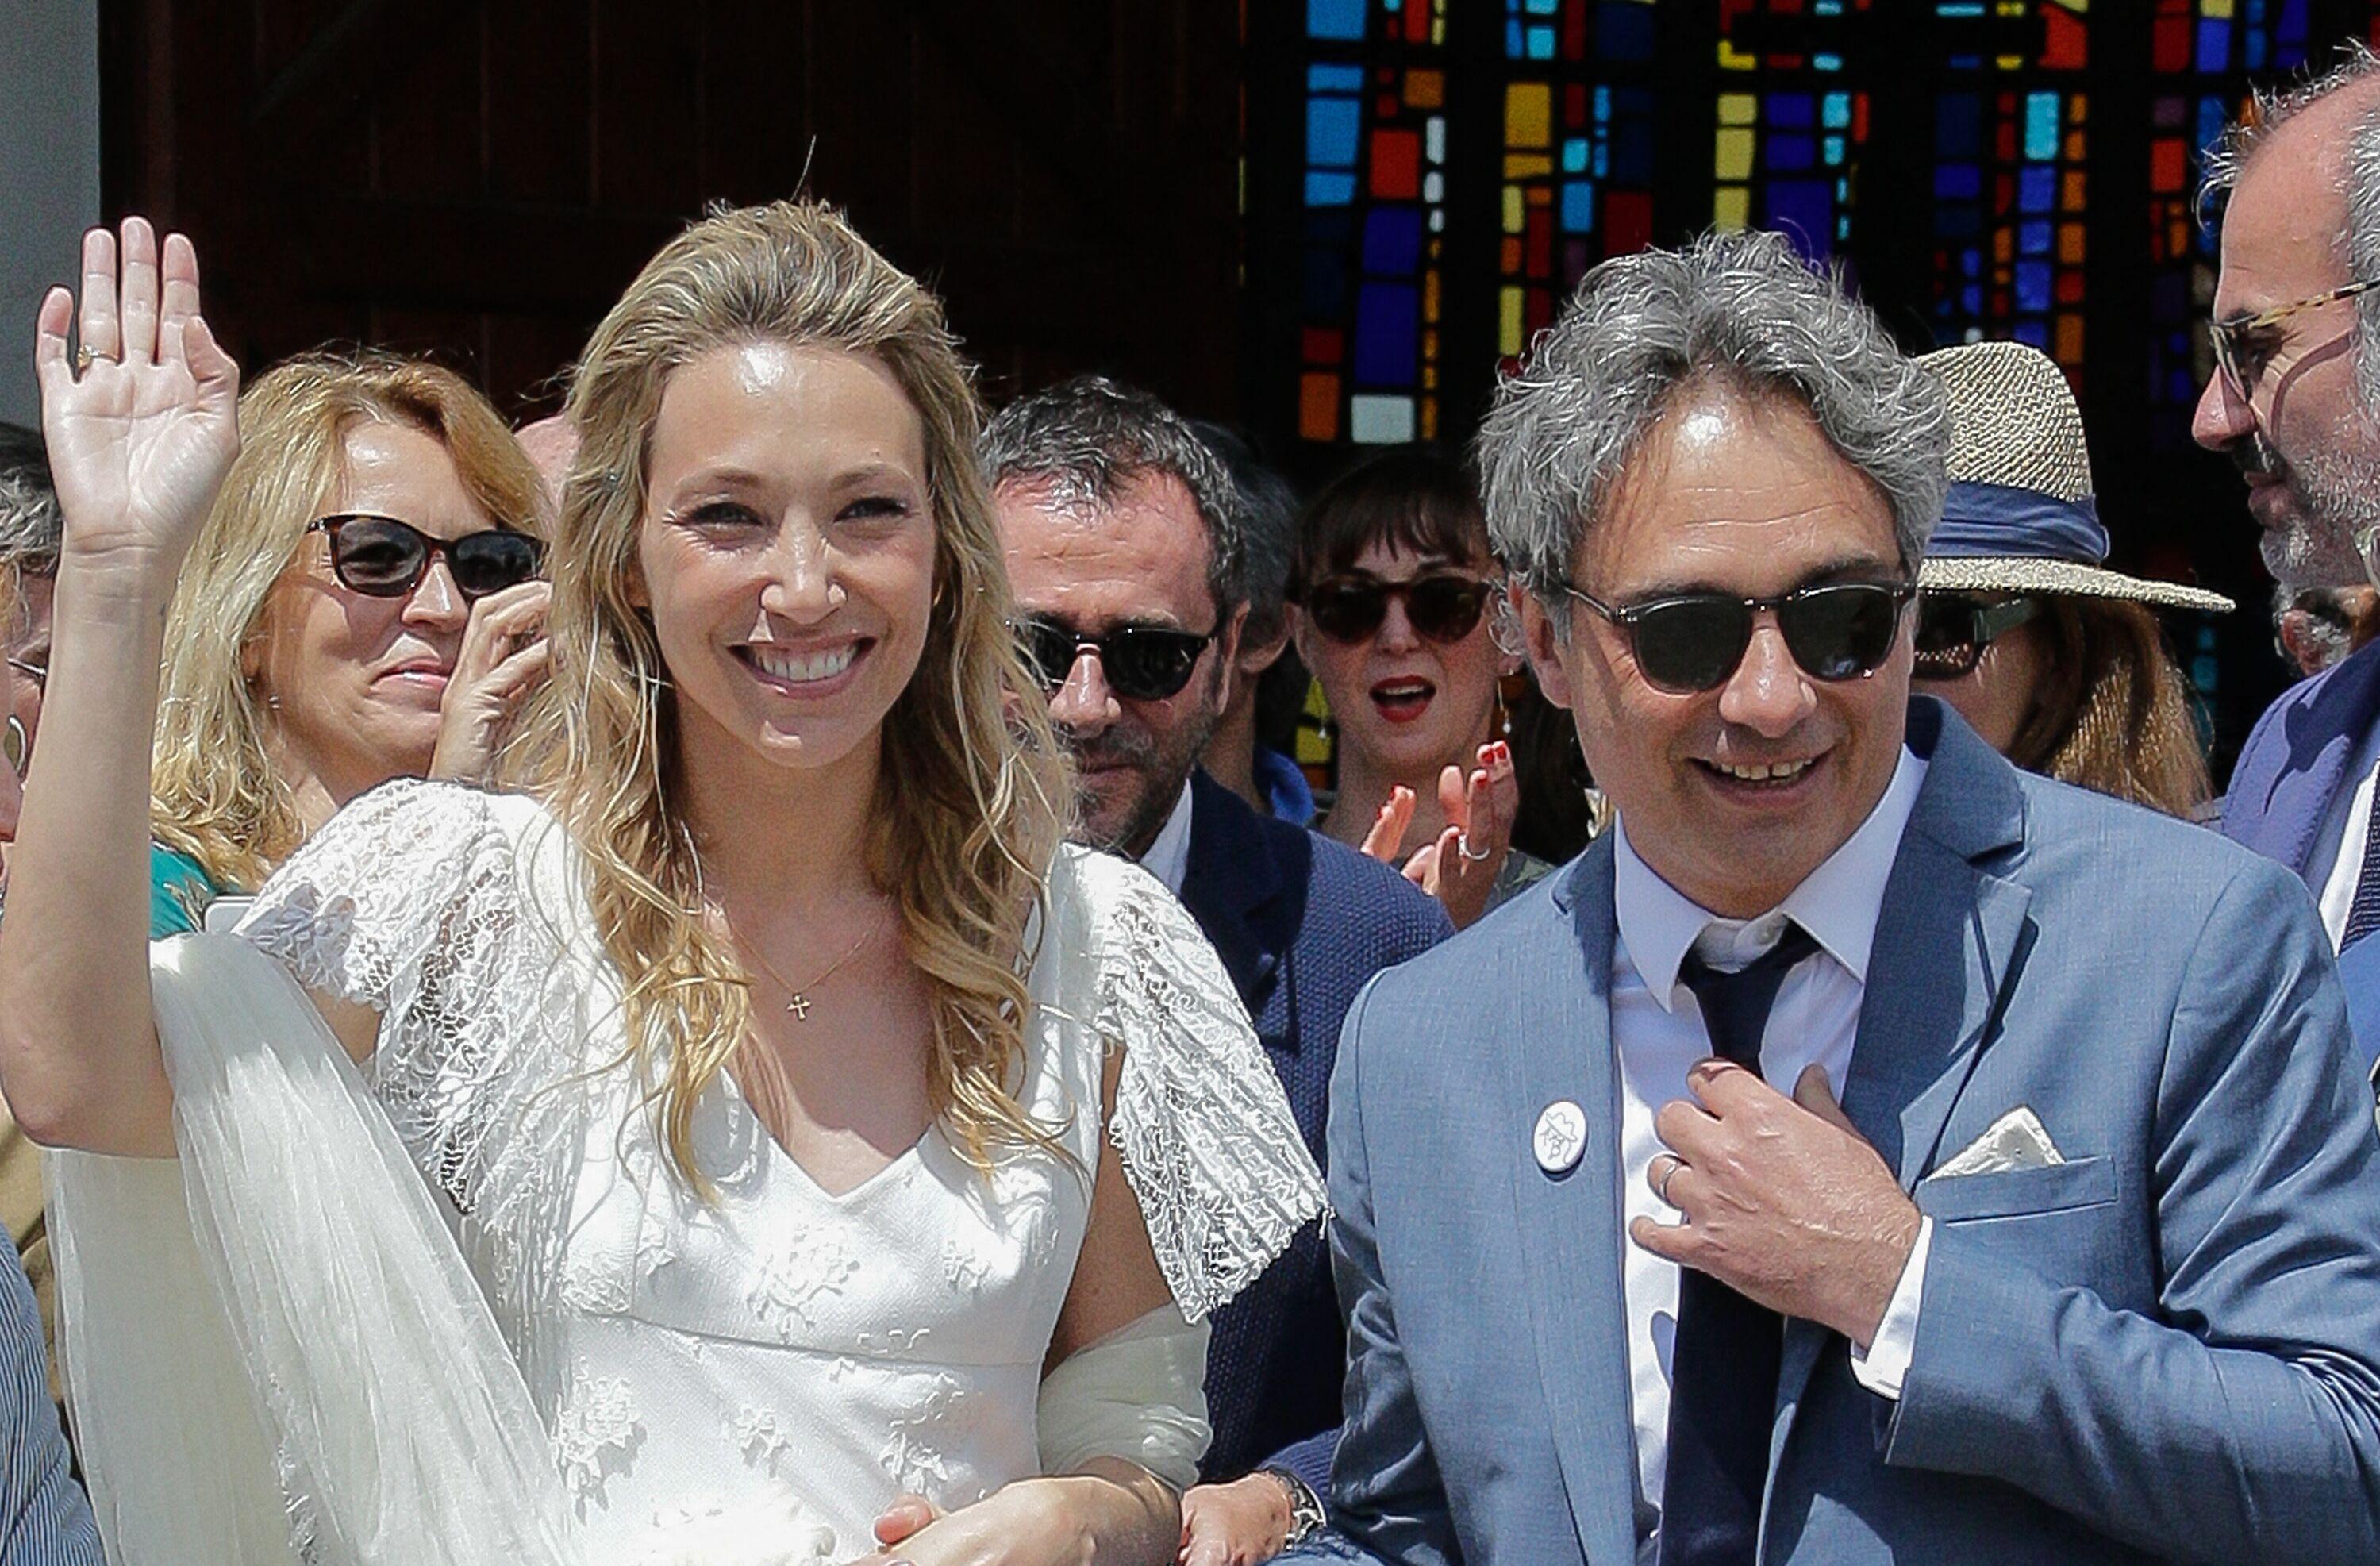 Mariage de Laura Smet : le gros regret du prêtre concernant la cérémonie